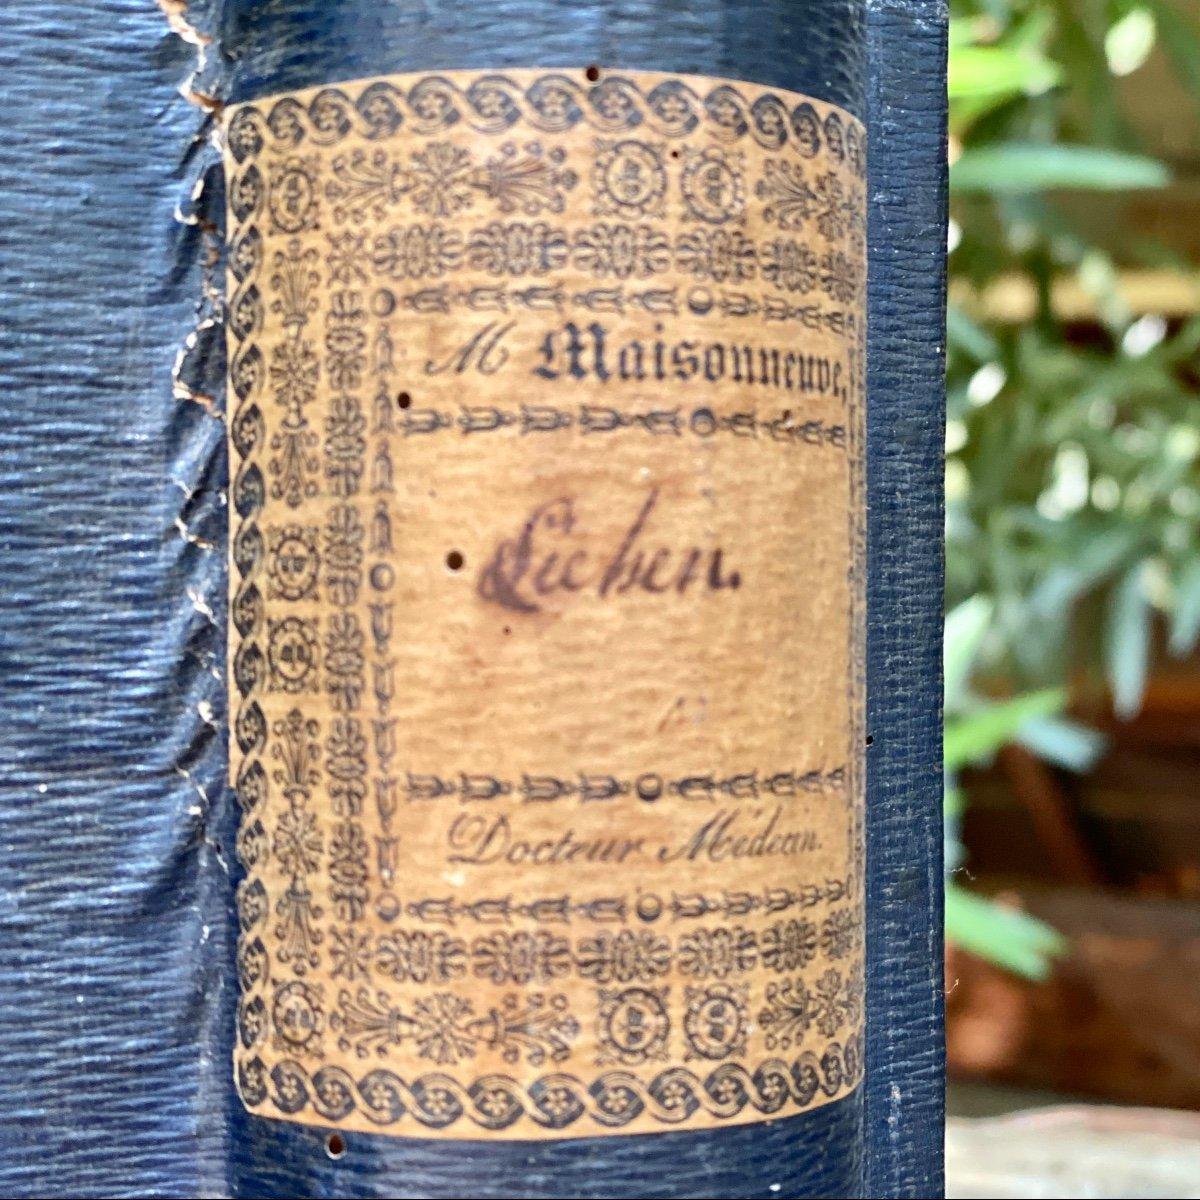 Boîte à Archives En Trompe-l'œil De Livres-photo-6